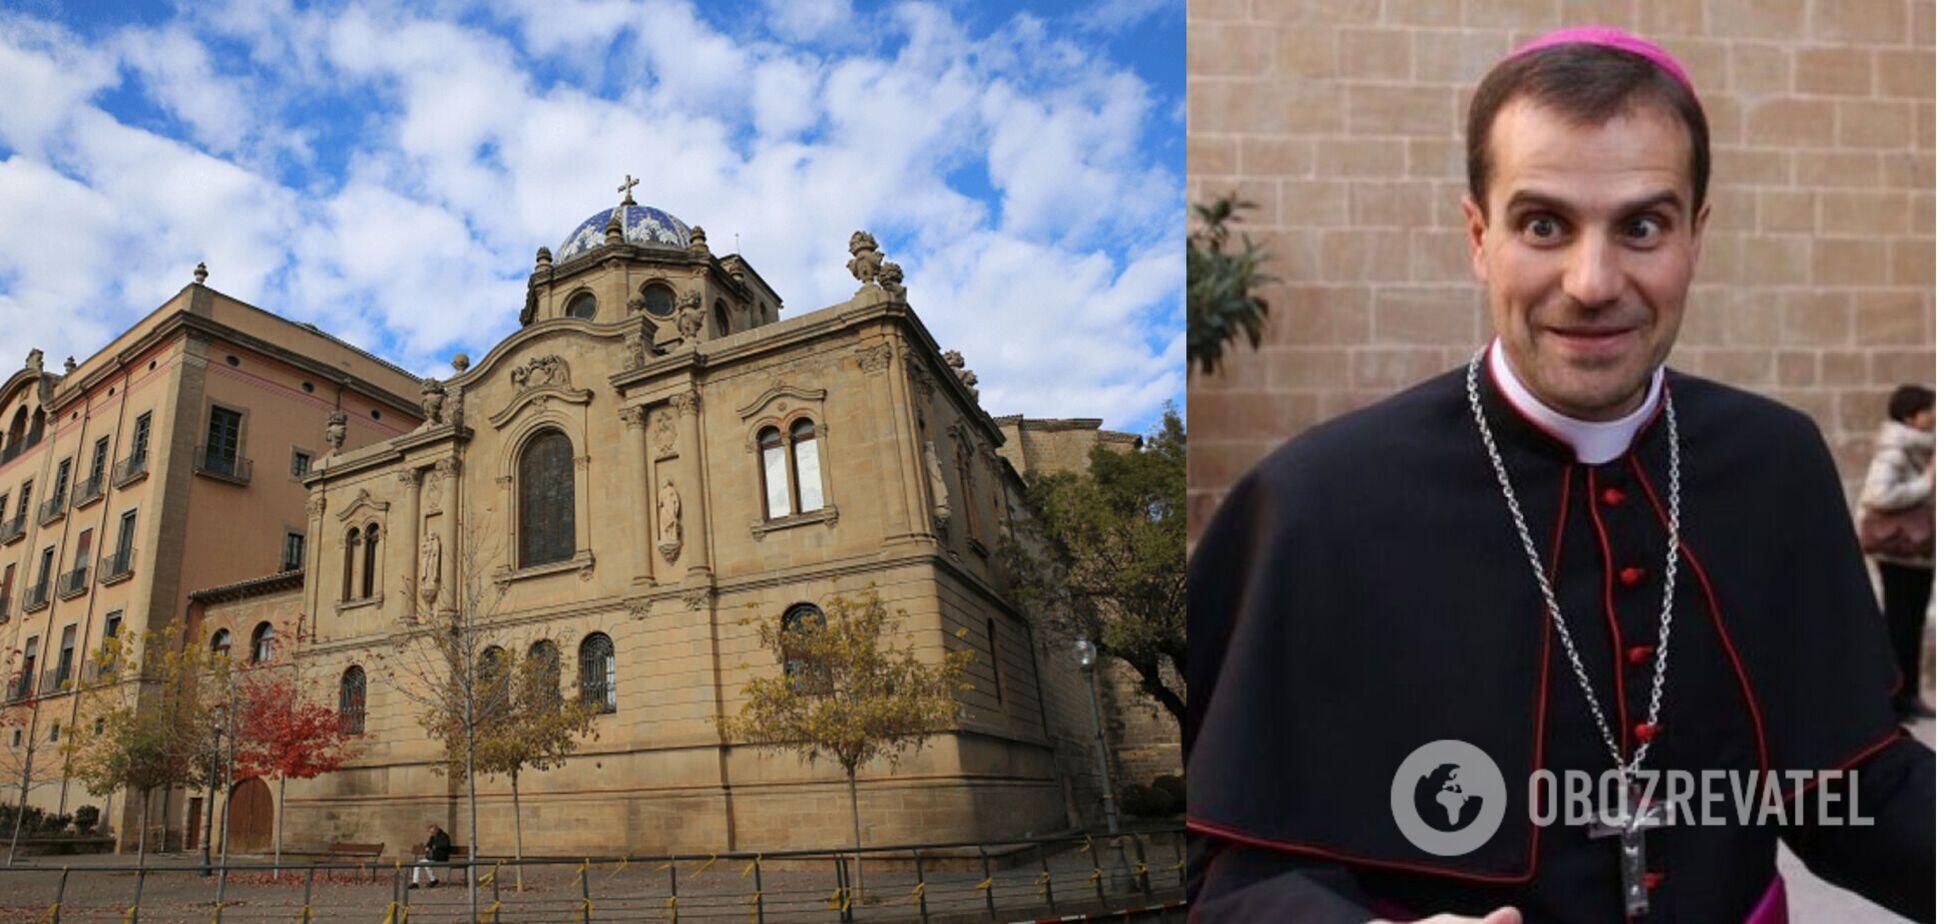 Самый молодой епископ Испании отрекся от сана, когда влюбился в сатанистку